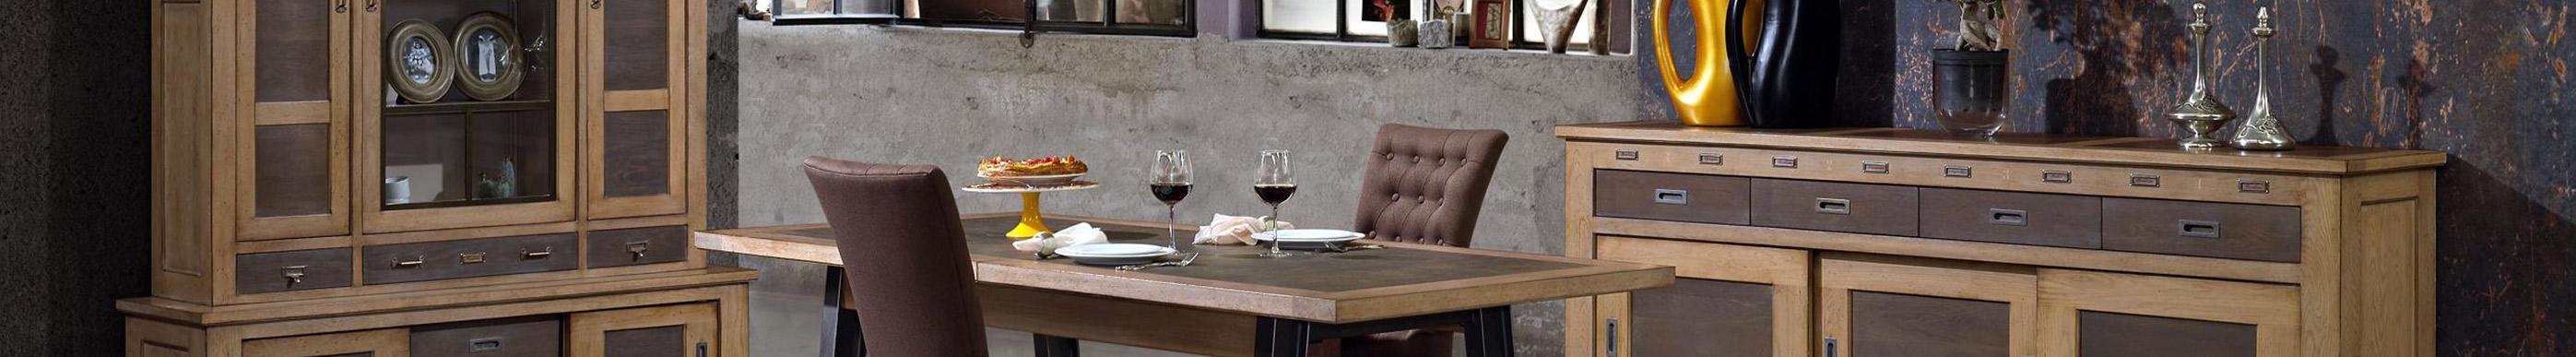 Destockage meubles promo belgique bouillon meubles douret - Destockage meuble belgique ...